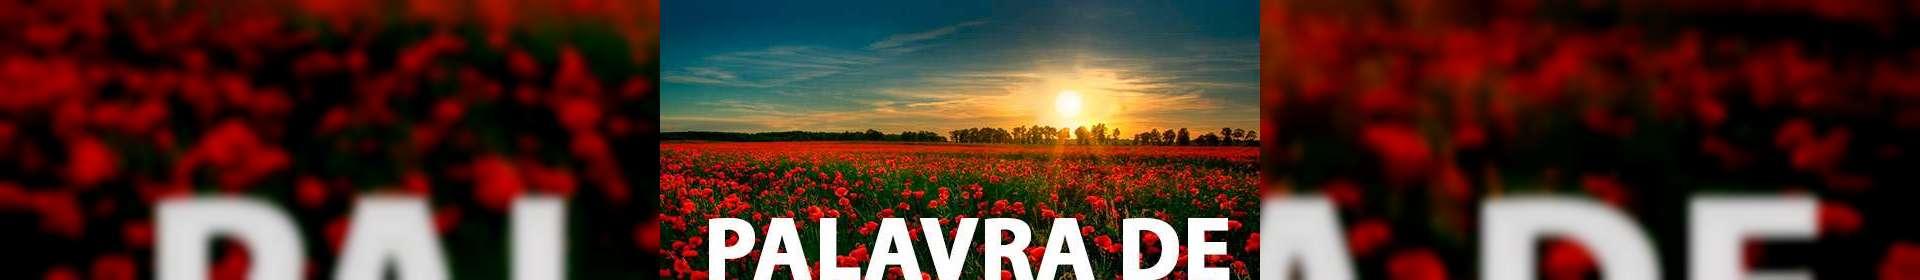 Salmos 119:49,50 - Uma Palavra de Esperança para sua vida